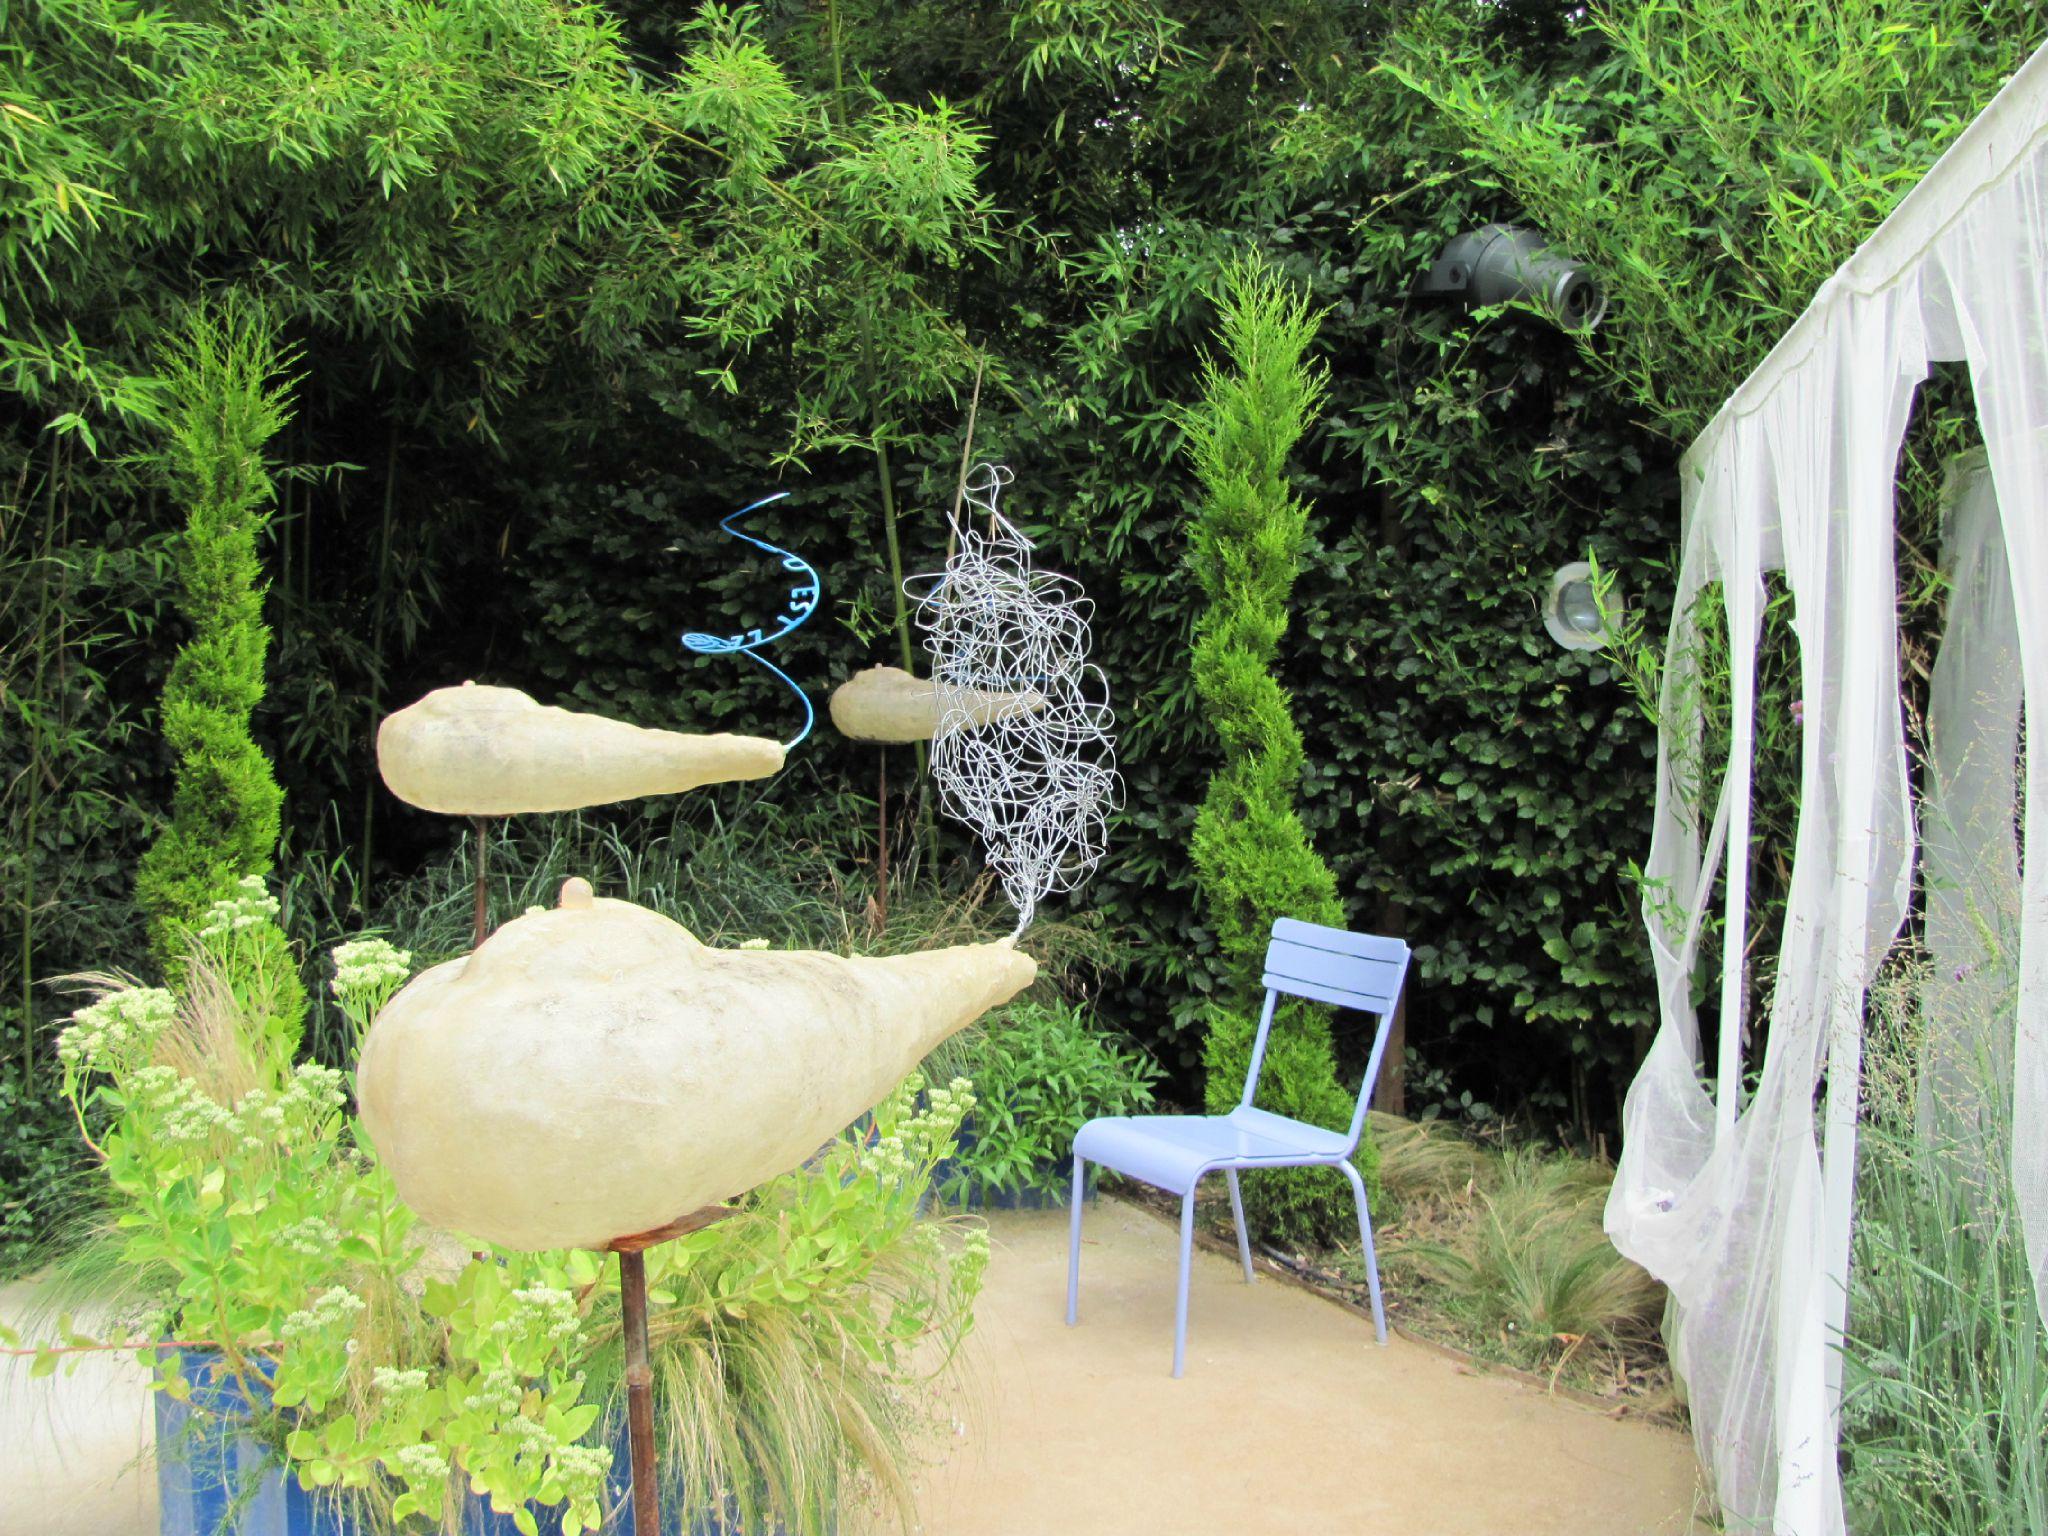 Festival des jardins chaumont sur loire episode 10 mots - Jardins chaumont sur loire ...